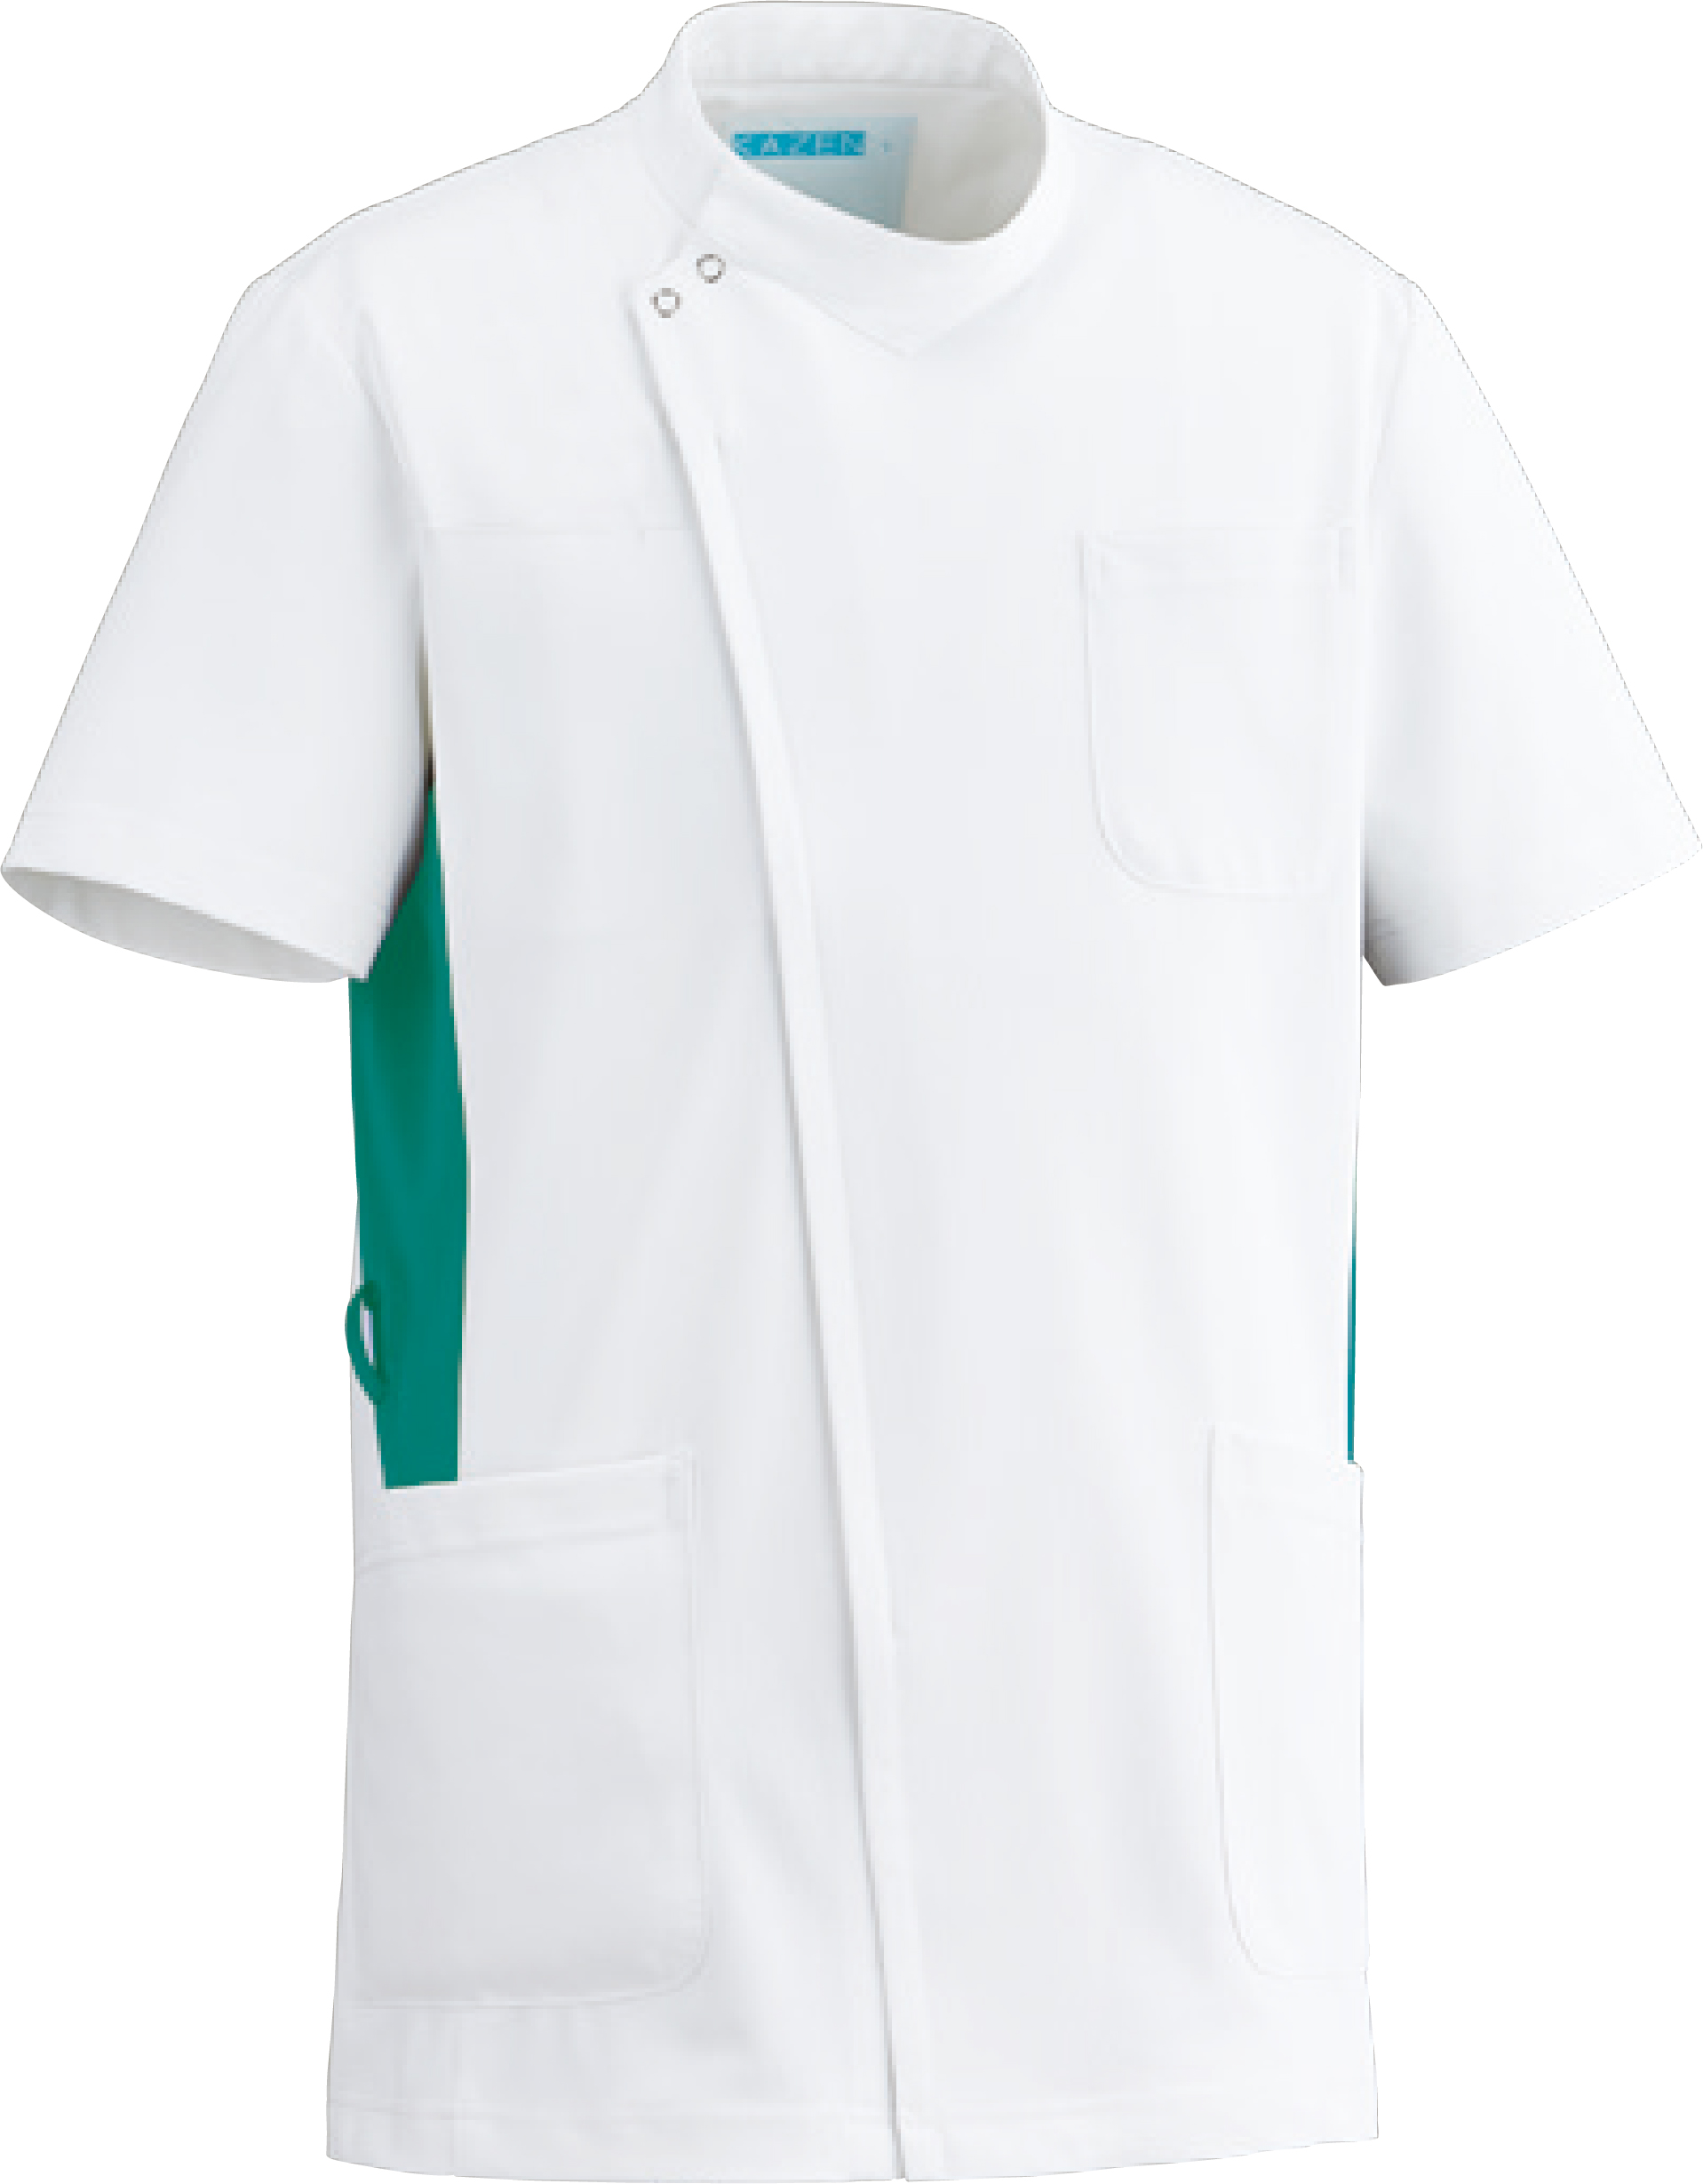 カゼン メンズジャケット半袖販売。刺繍、プリント加工対応します。研修医、医療チームウェアに人気